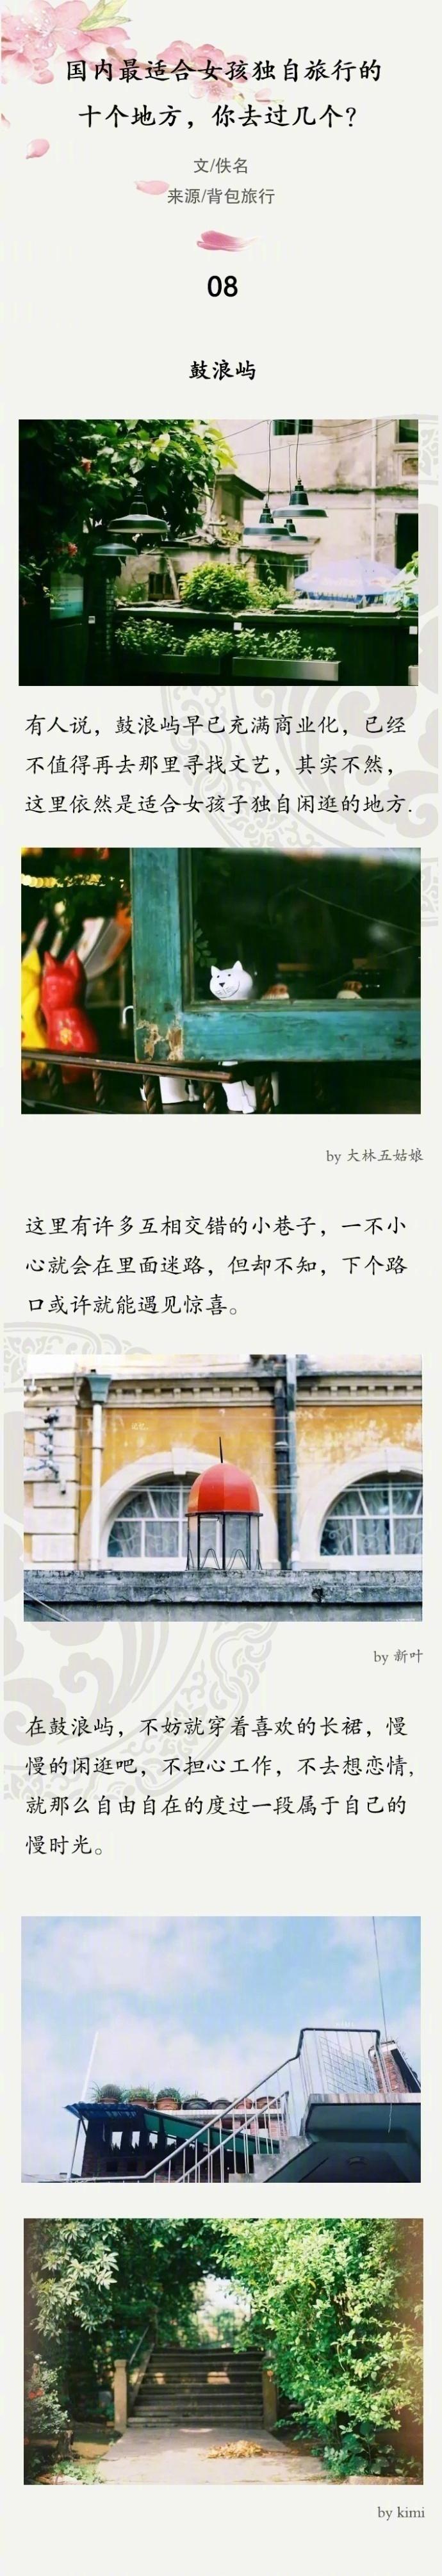 中国文明网签名寄语哪有大牢里烧香的